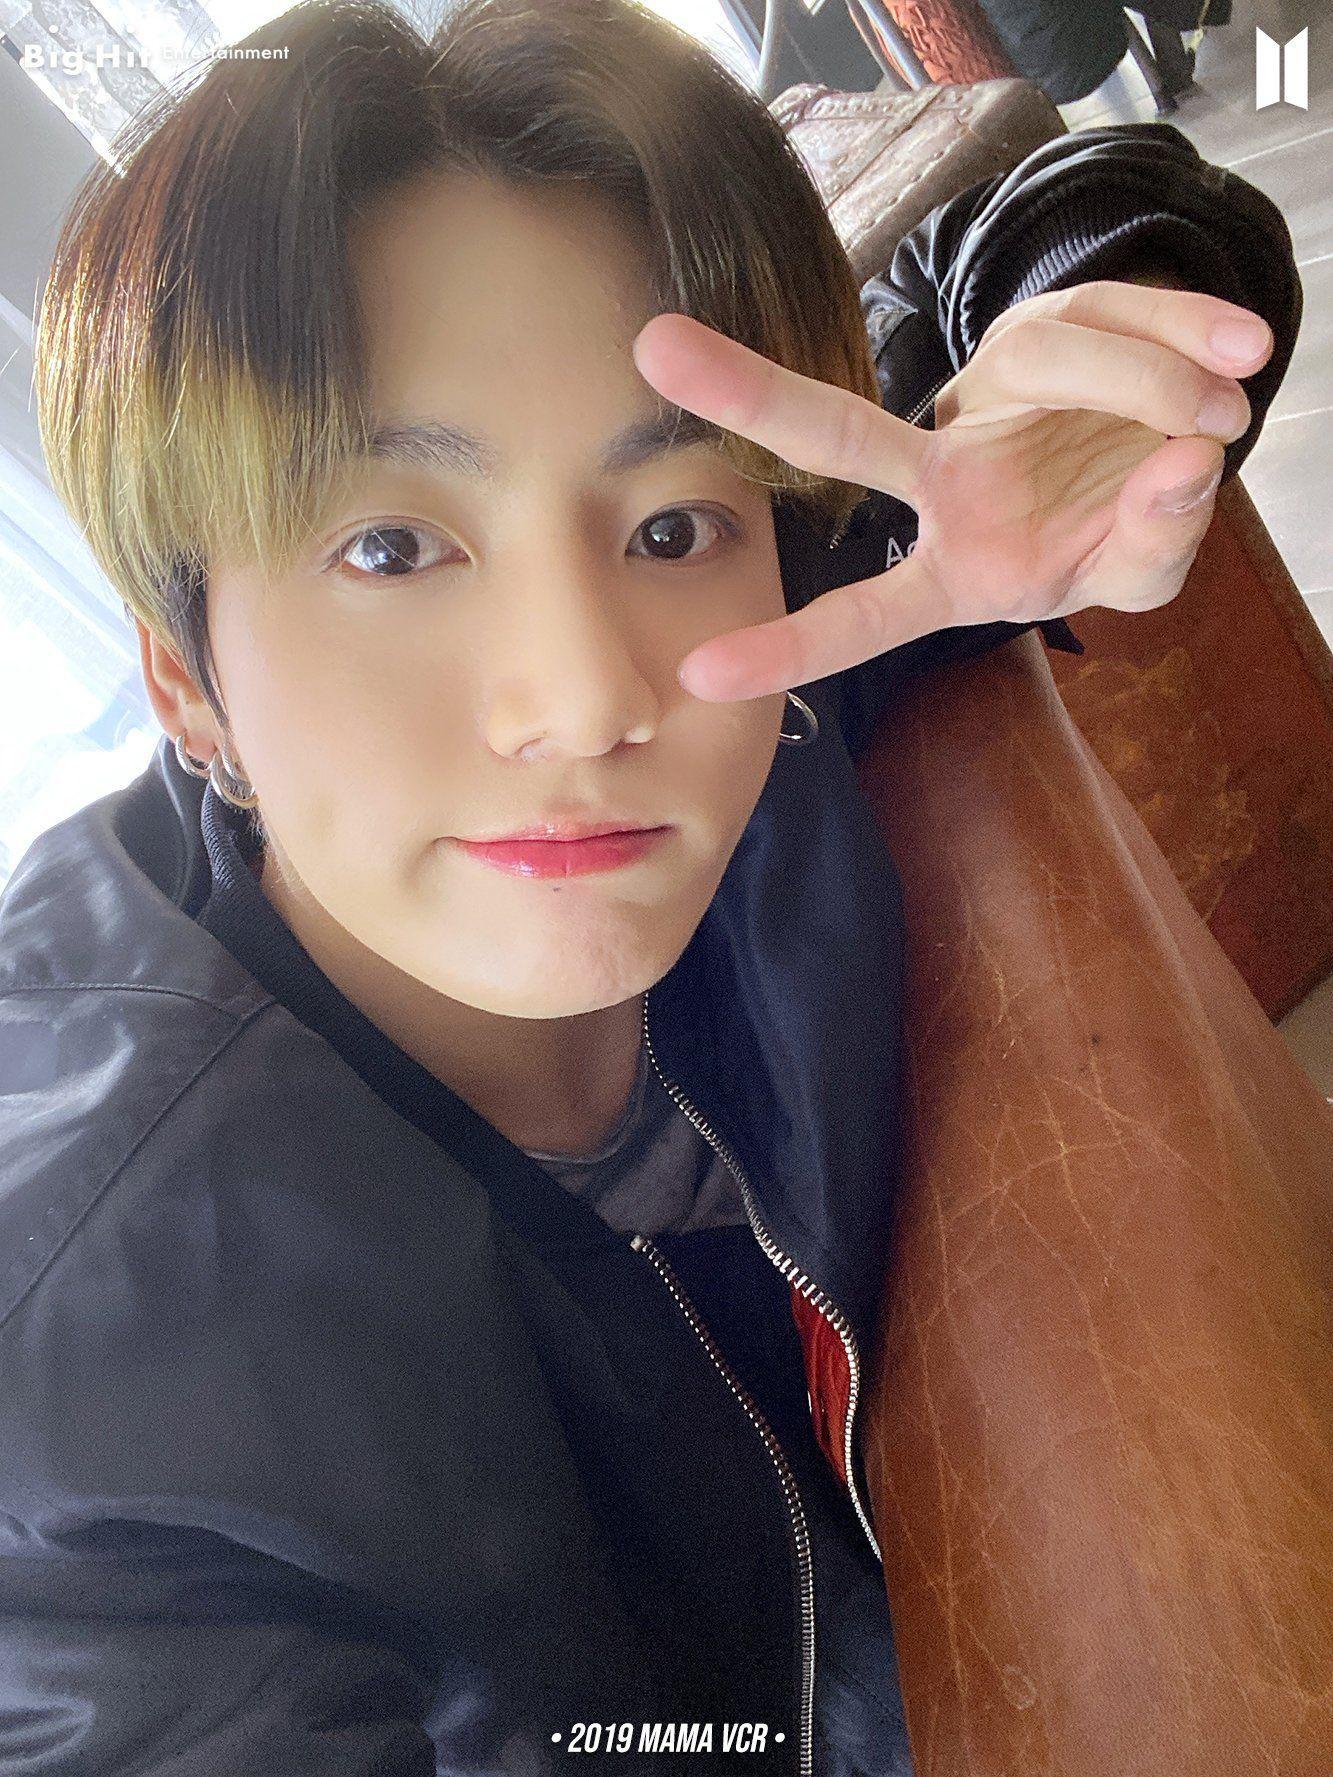 Jungkook Pics On Twitter In 2021 Jungkook Selca Jungkook Jeon Jungkook